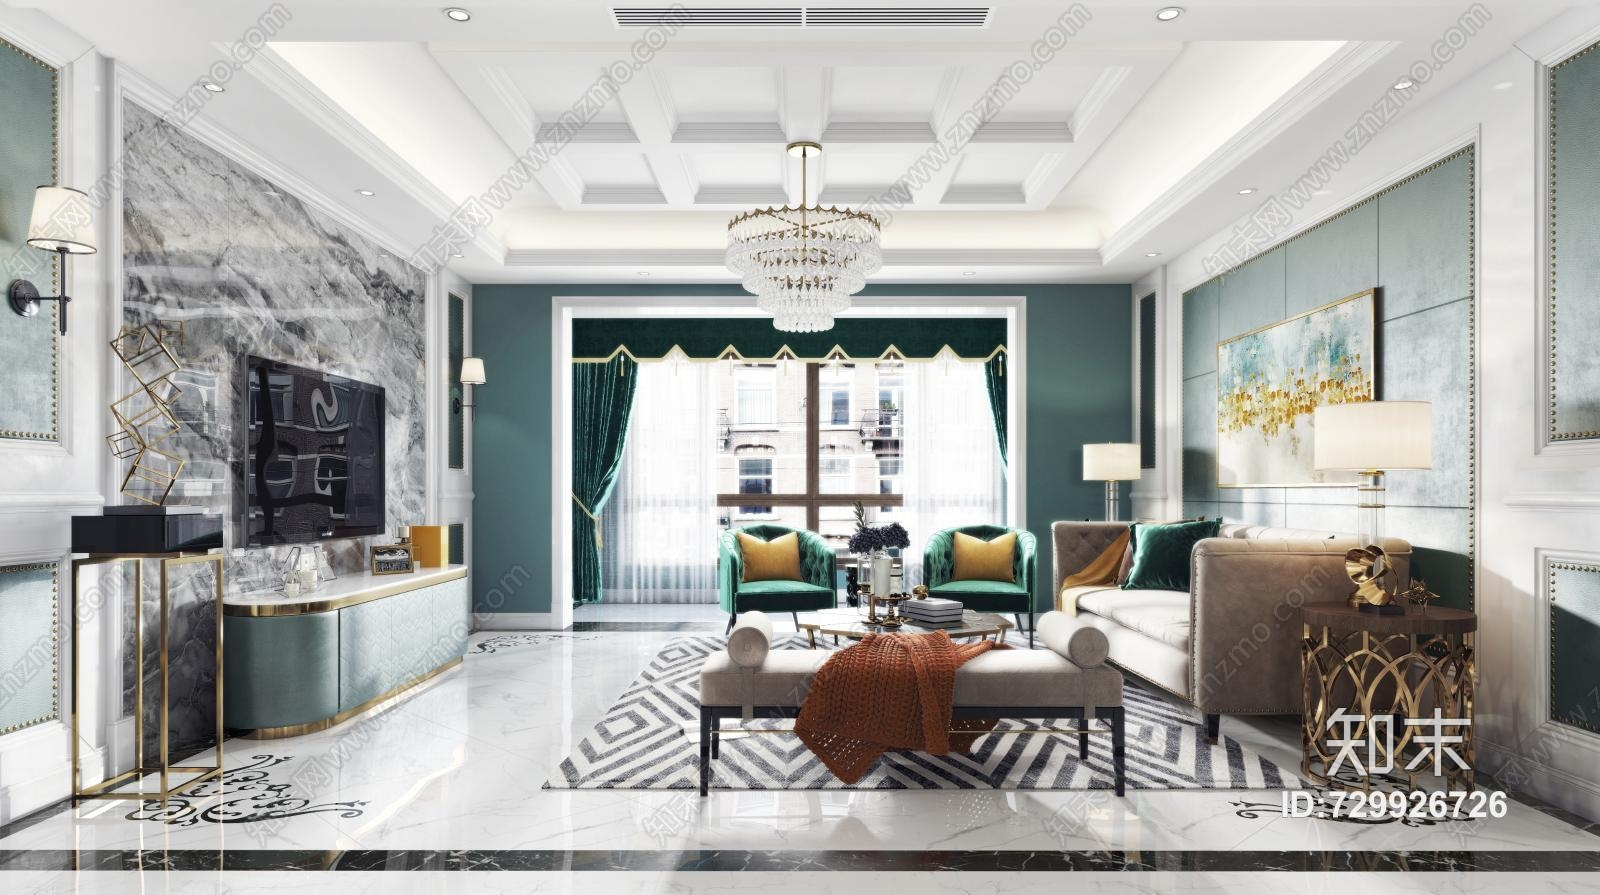 美式客餐厅 沙发茶几 吊灯 挂画 电视柜 摆件 餐桌椅